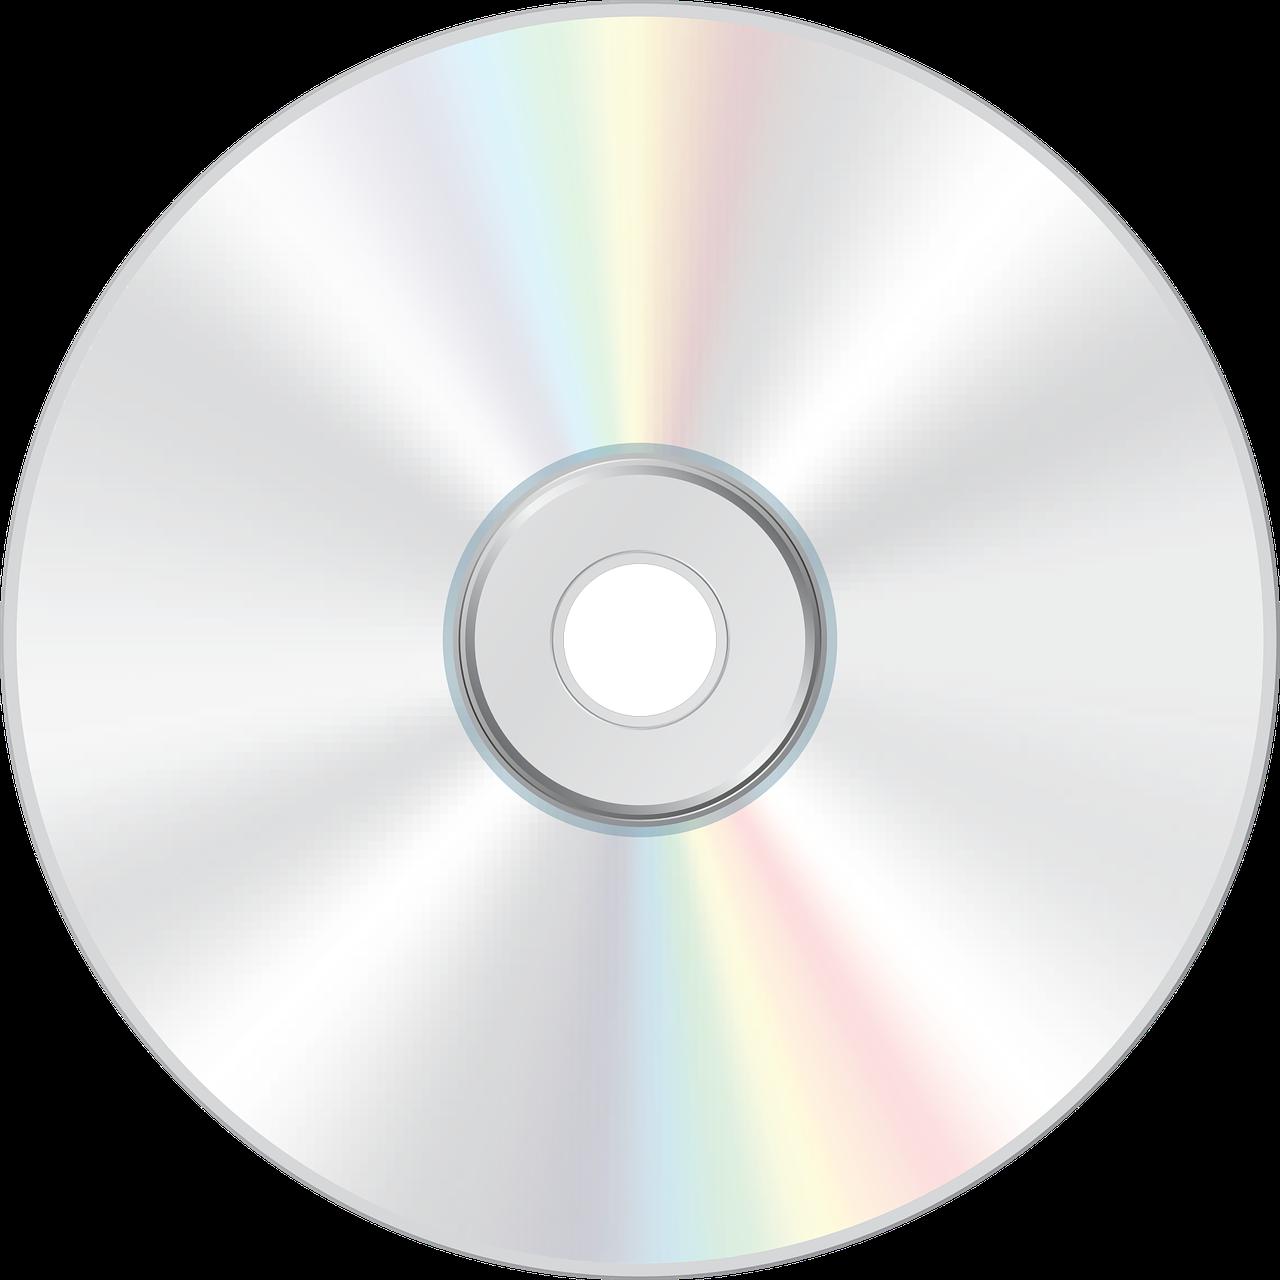 чем изображают картинки на диске фотографии называется удалённость